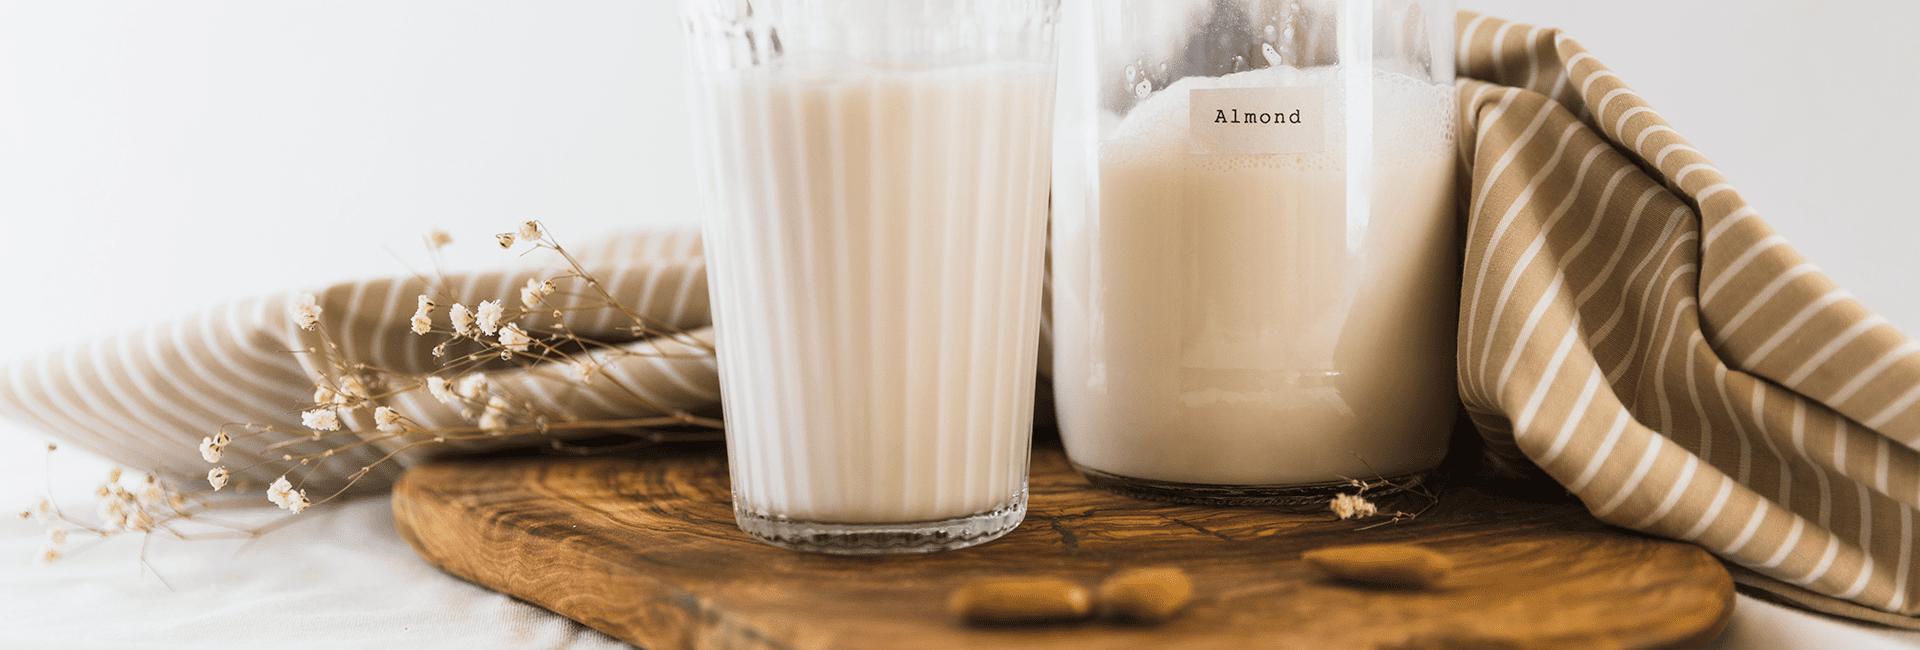 Alternativas saludables a la leche de vaca: bebidas vegetales